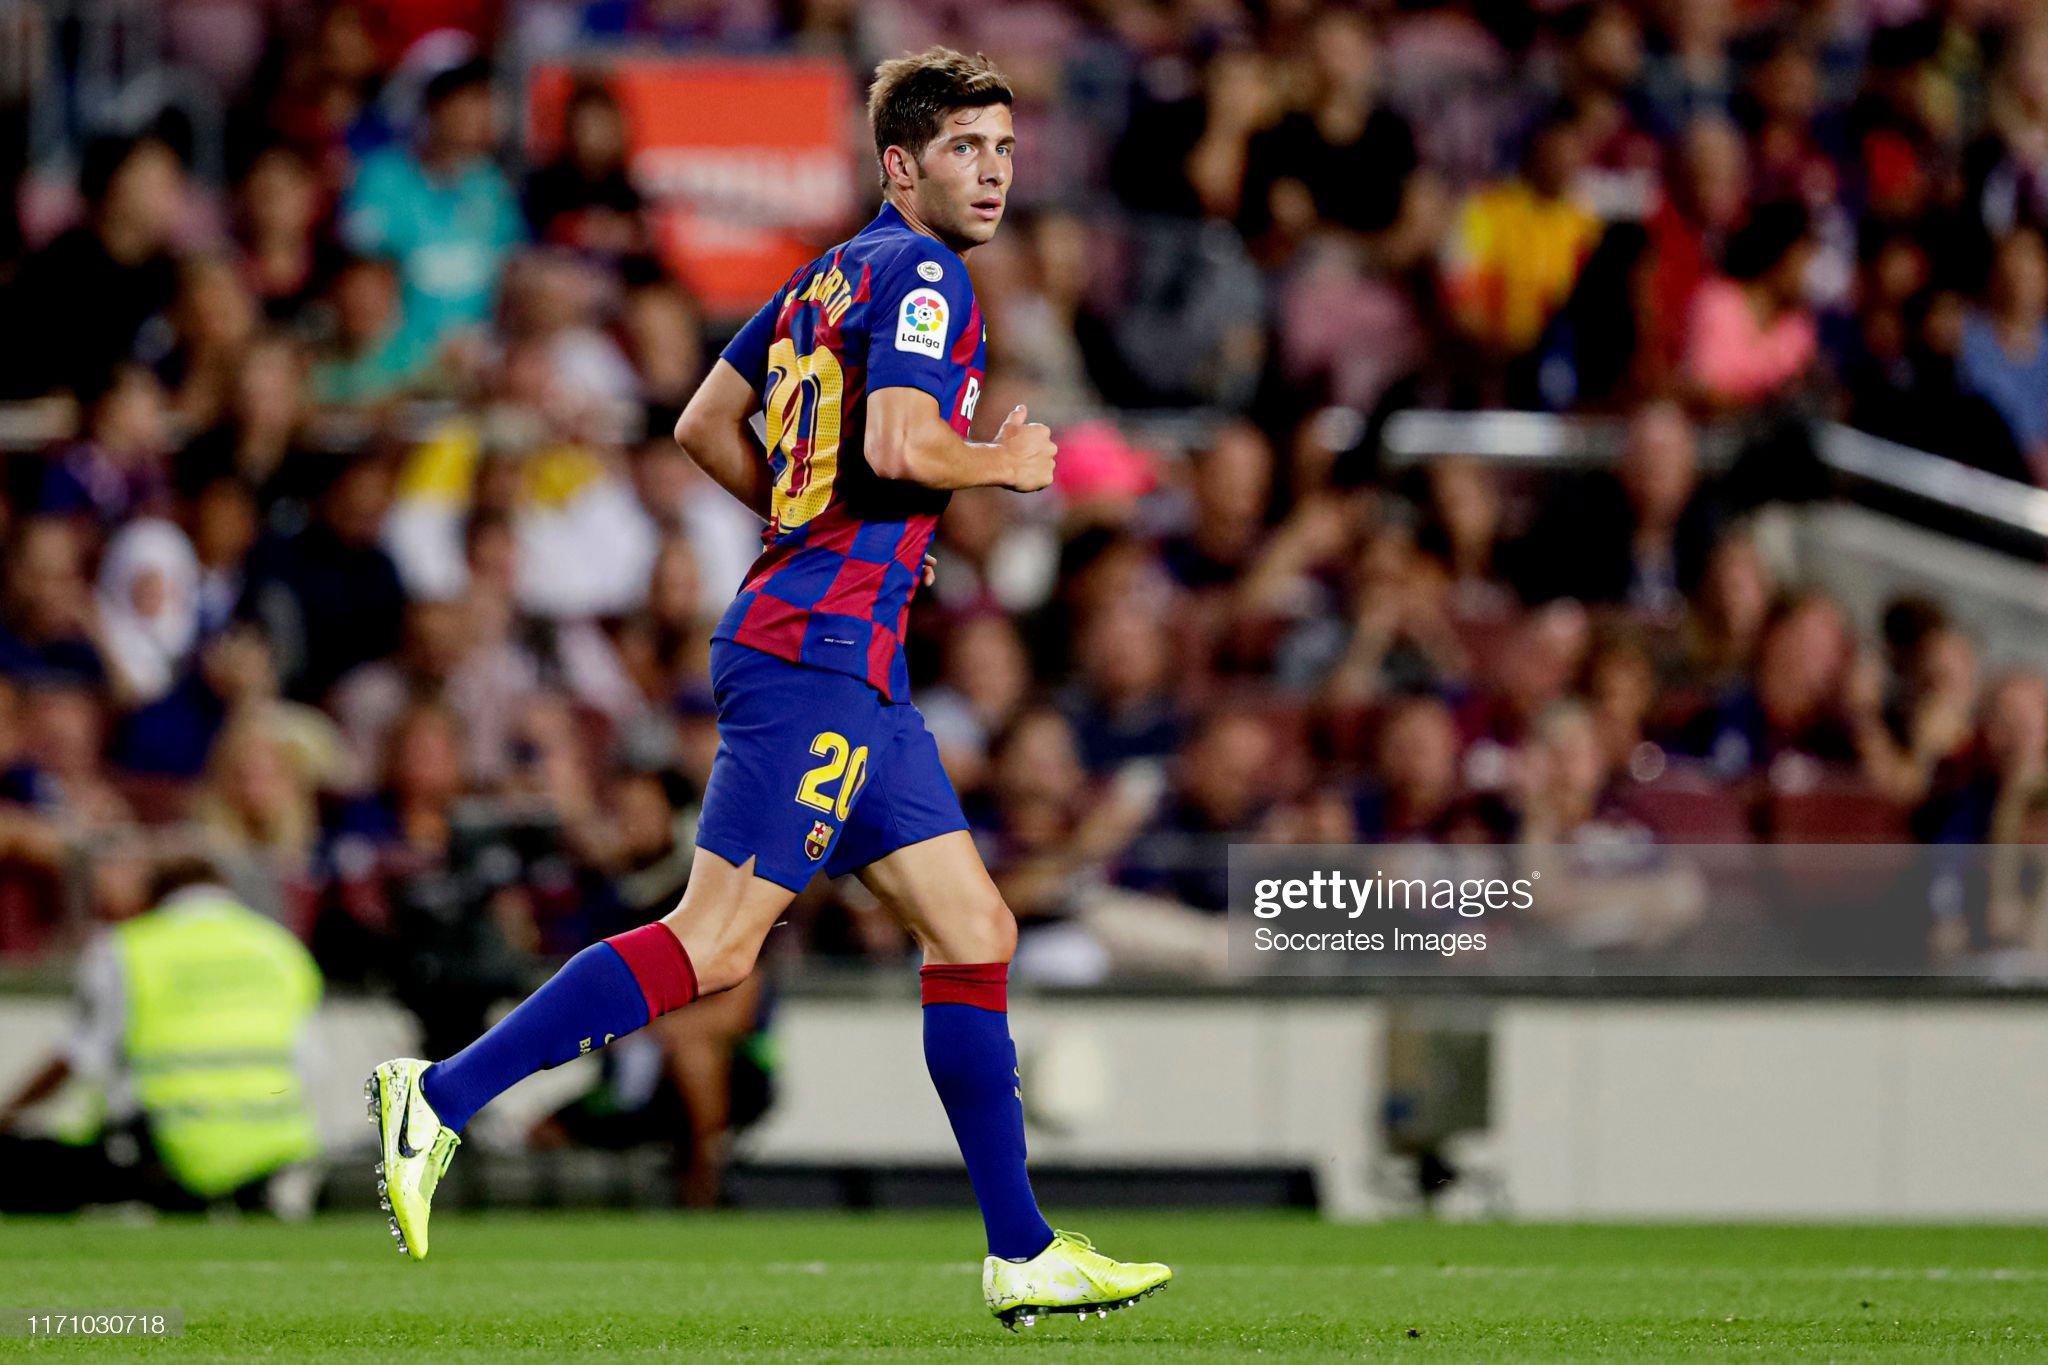 صور مباراة : برشلونة - فياريال 2-1 ( 24-09-2019 )  Sergi-roberto-of-fc-barcelona-during-the-la-liga-santander-match-fc-picture-id1171030718?s=2048x2048